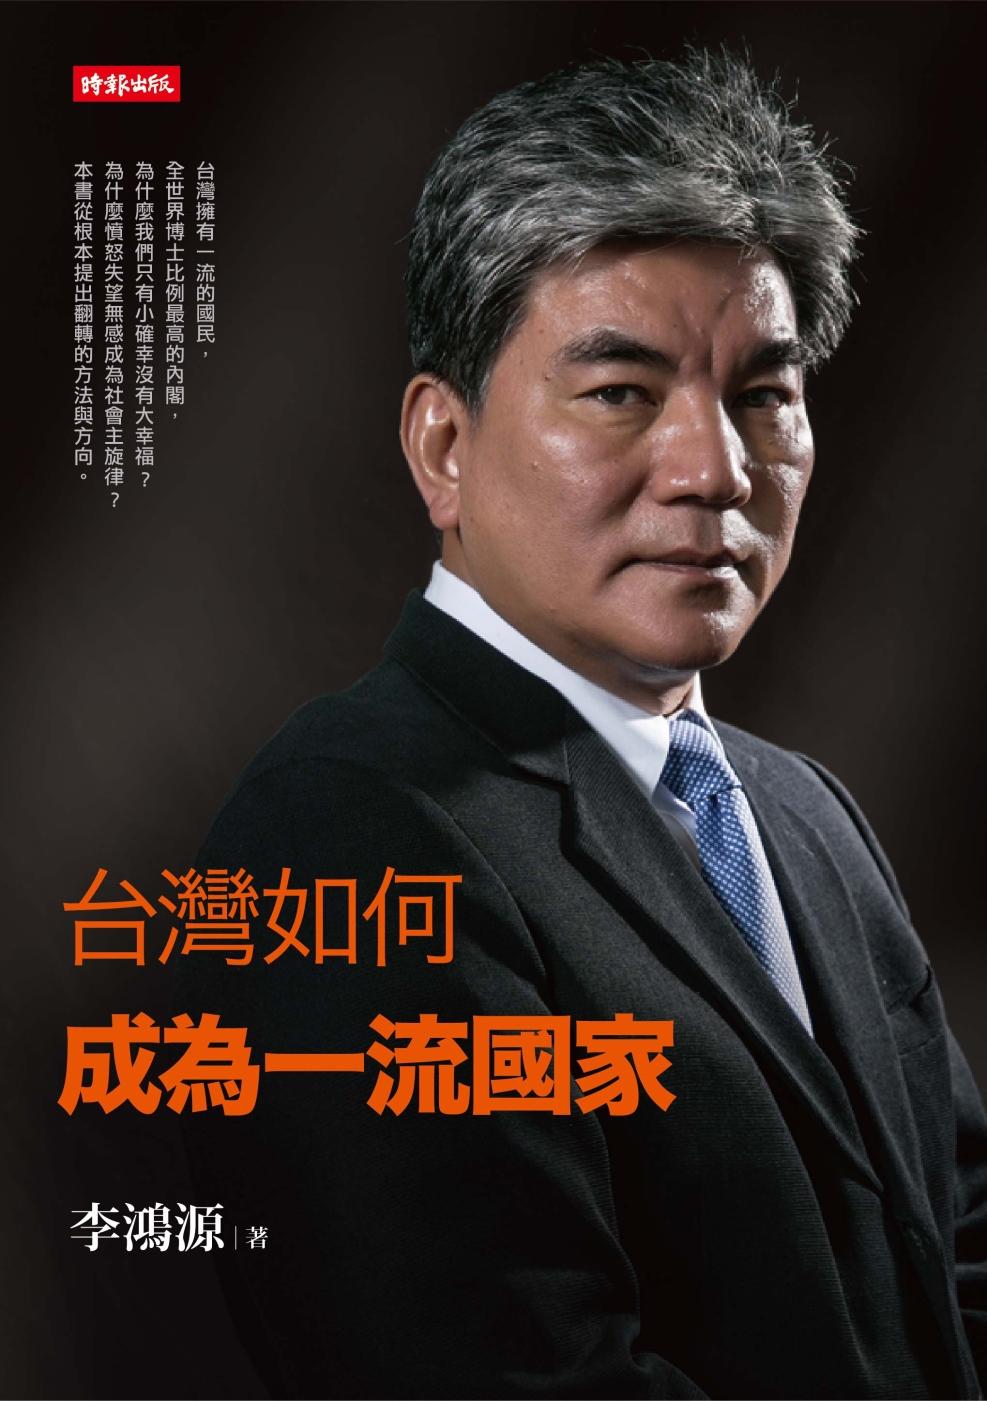 另開新視窗呈現 台灣如何成為一流國家 封面